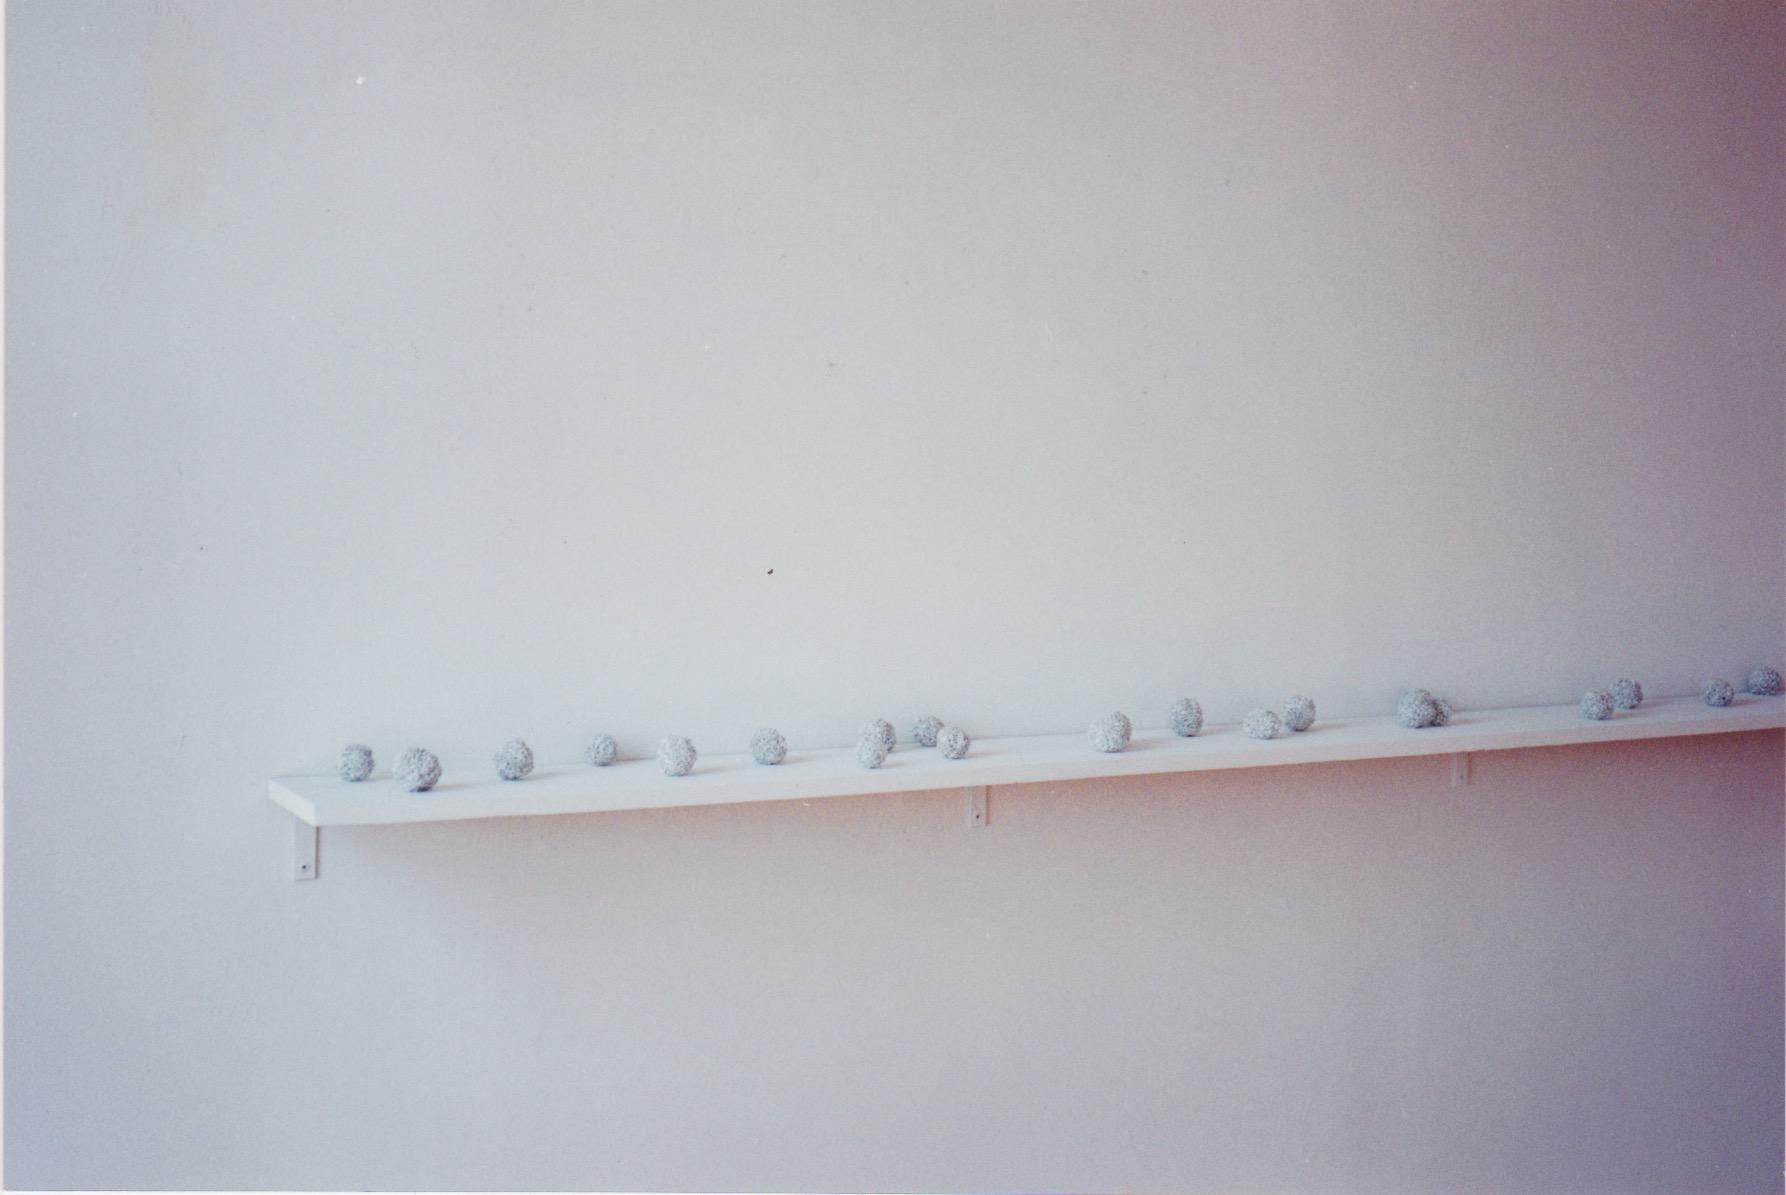 1997 10_09 Chun 3.jpeg